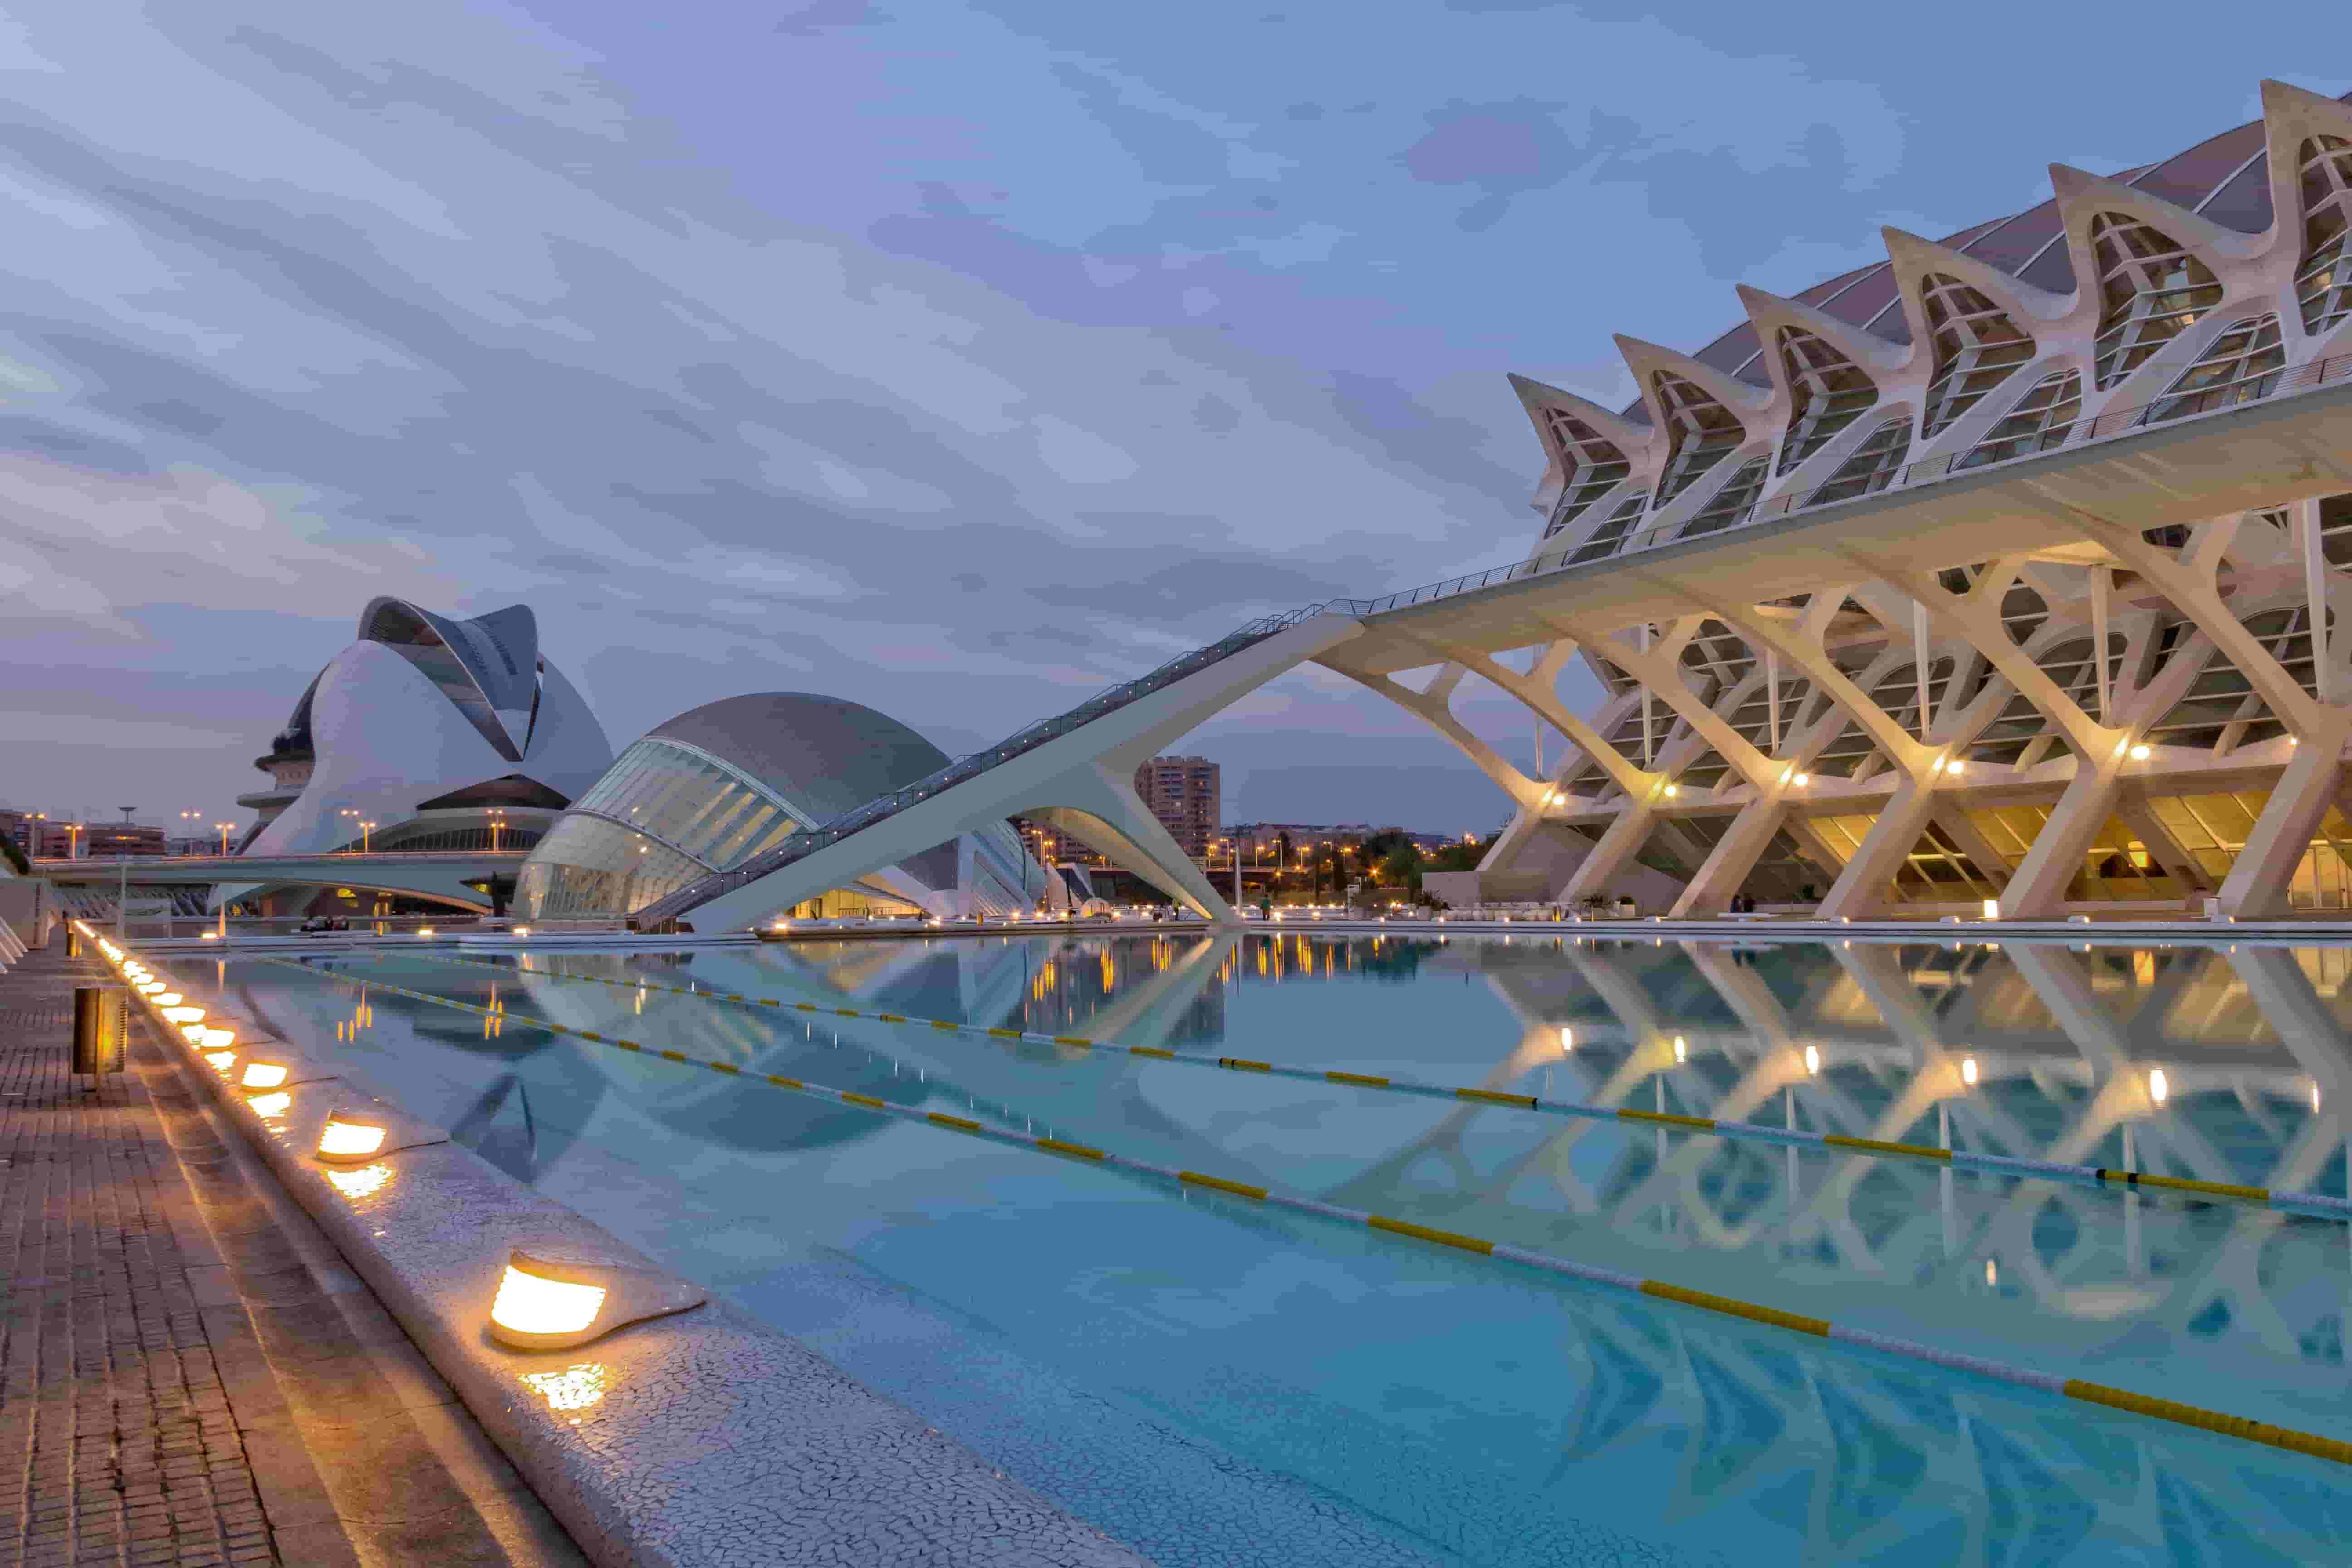 Visita la Ciudad de las Artes y las Ciencias, descubre la fantasía de Santiago Calatrava